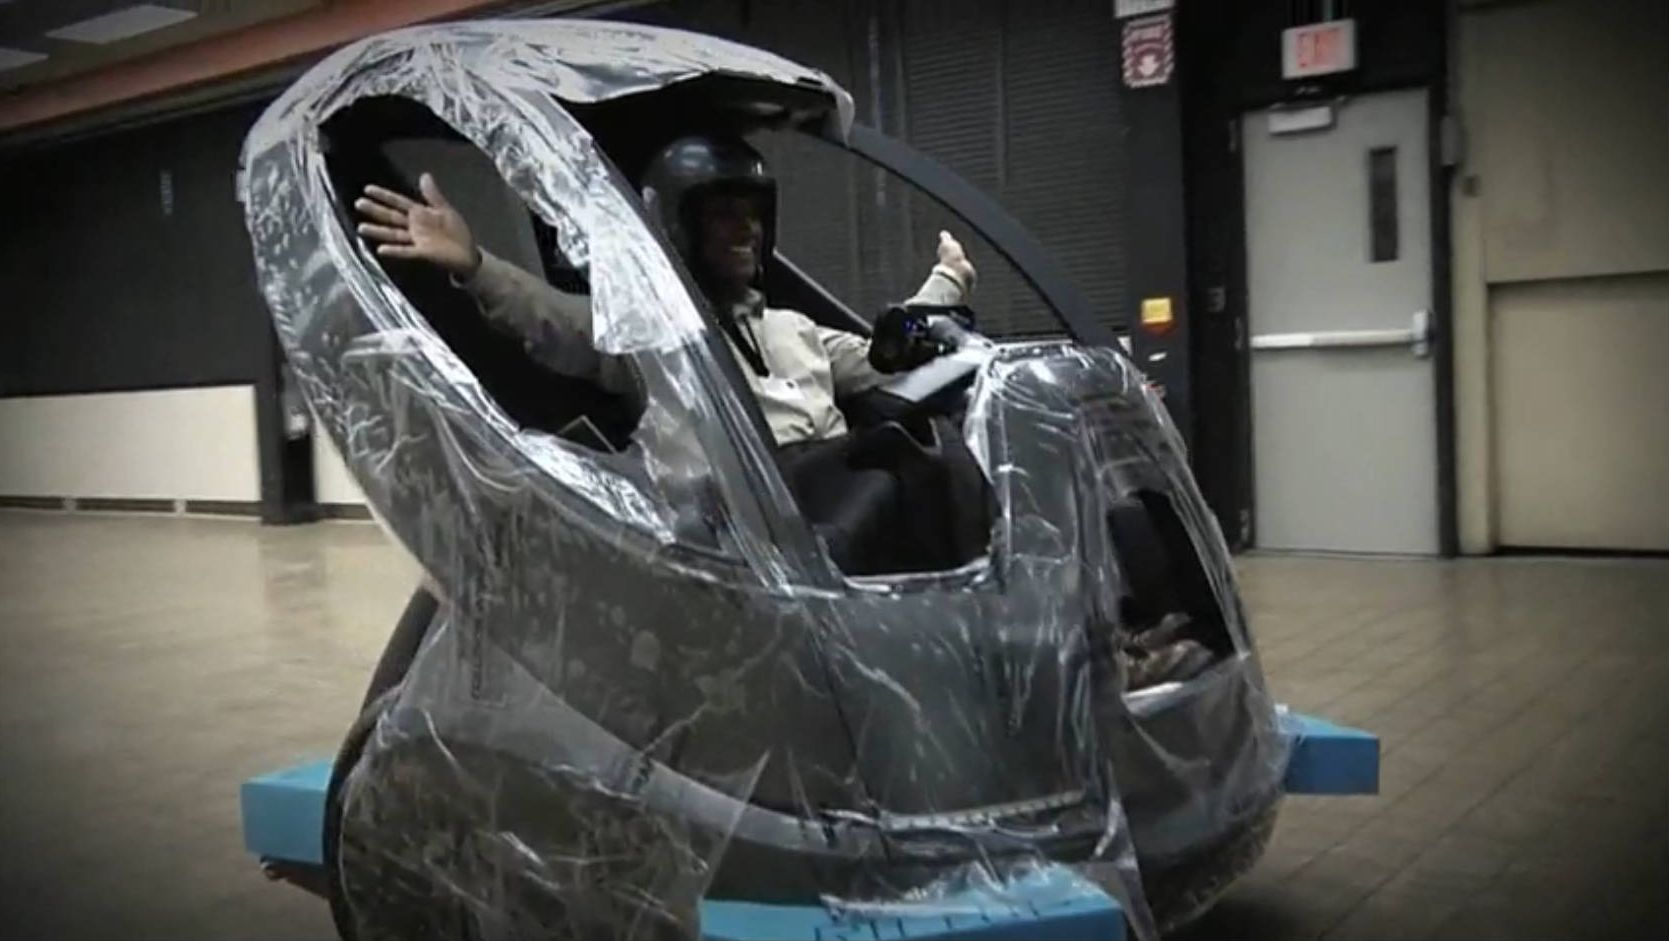 Video: GM Goes Hands-Off With EN-V Robotic Pod Car